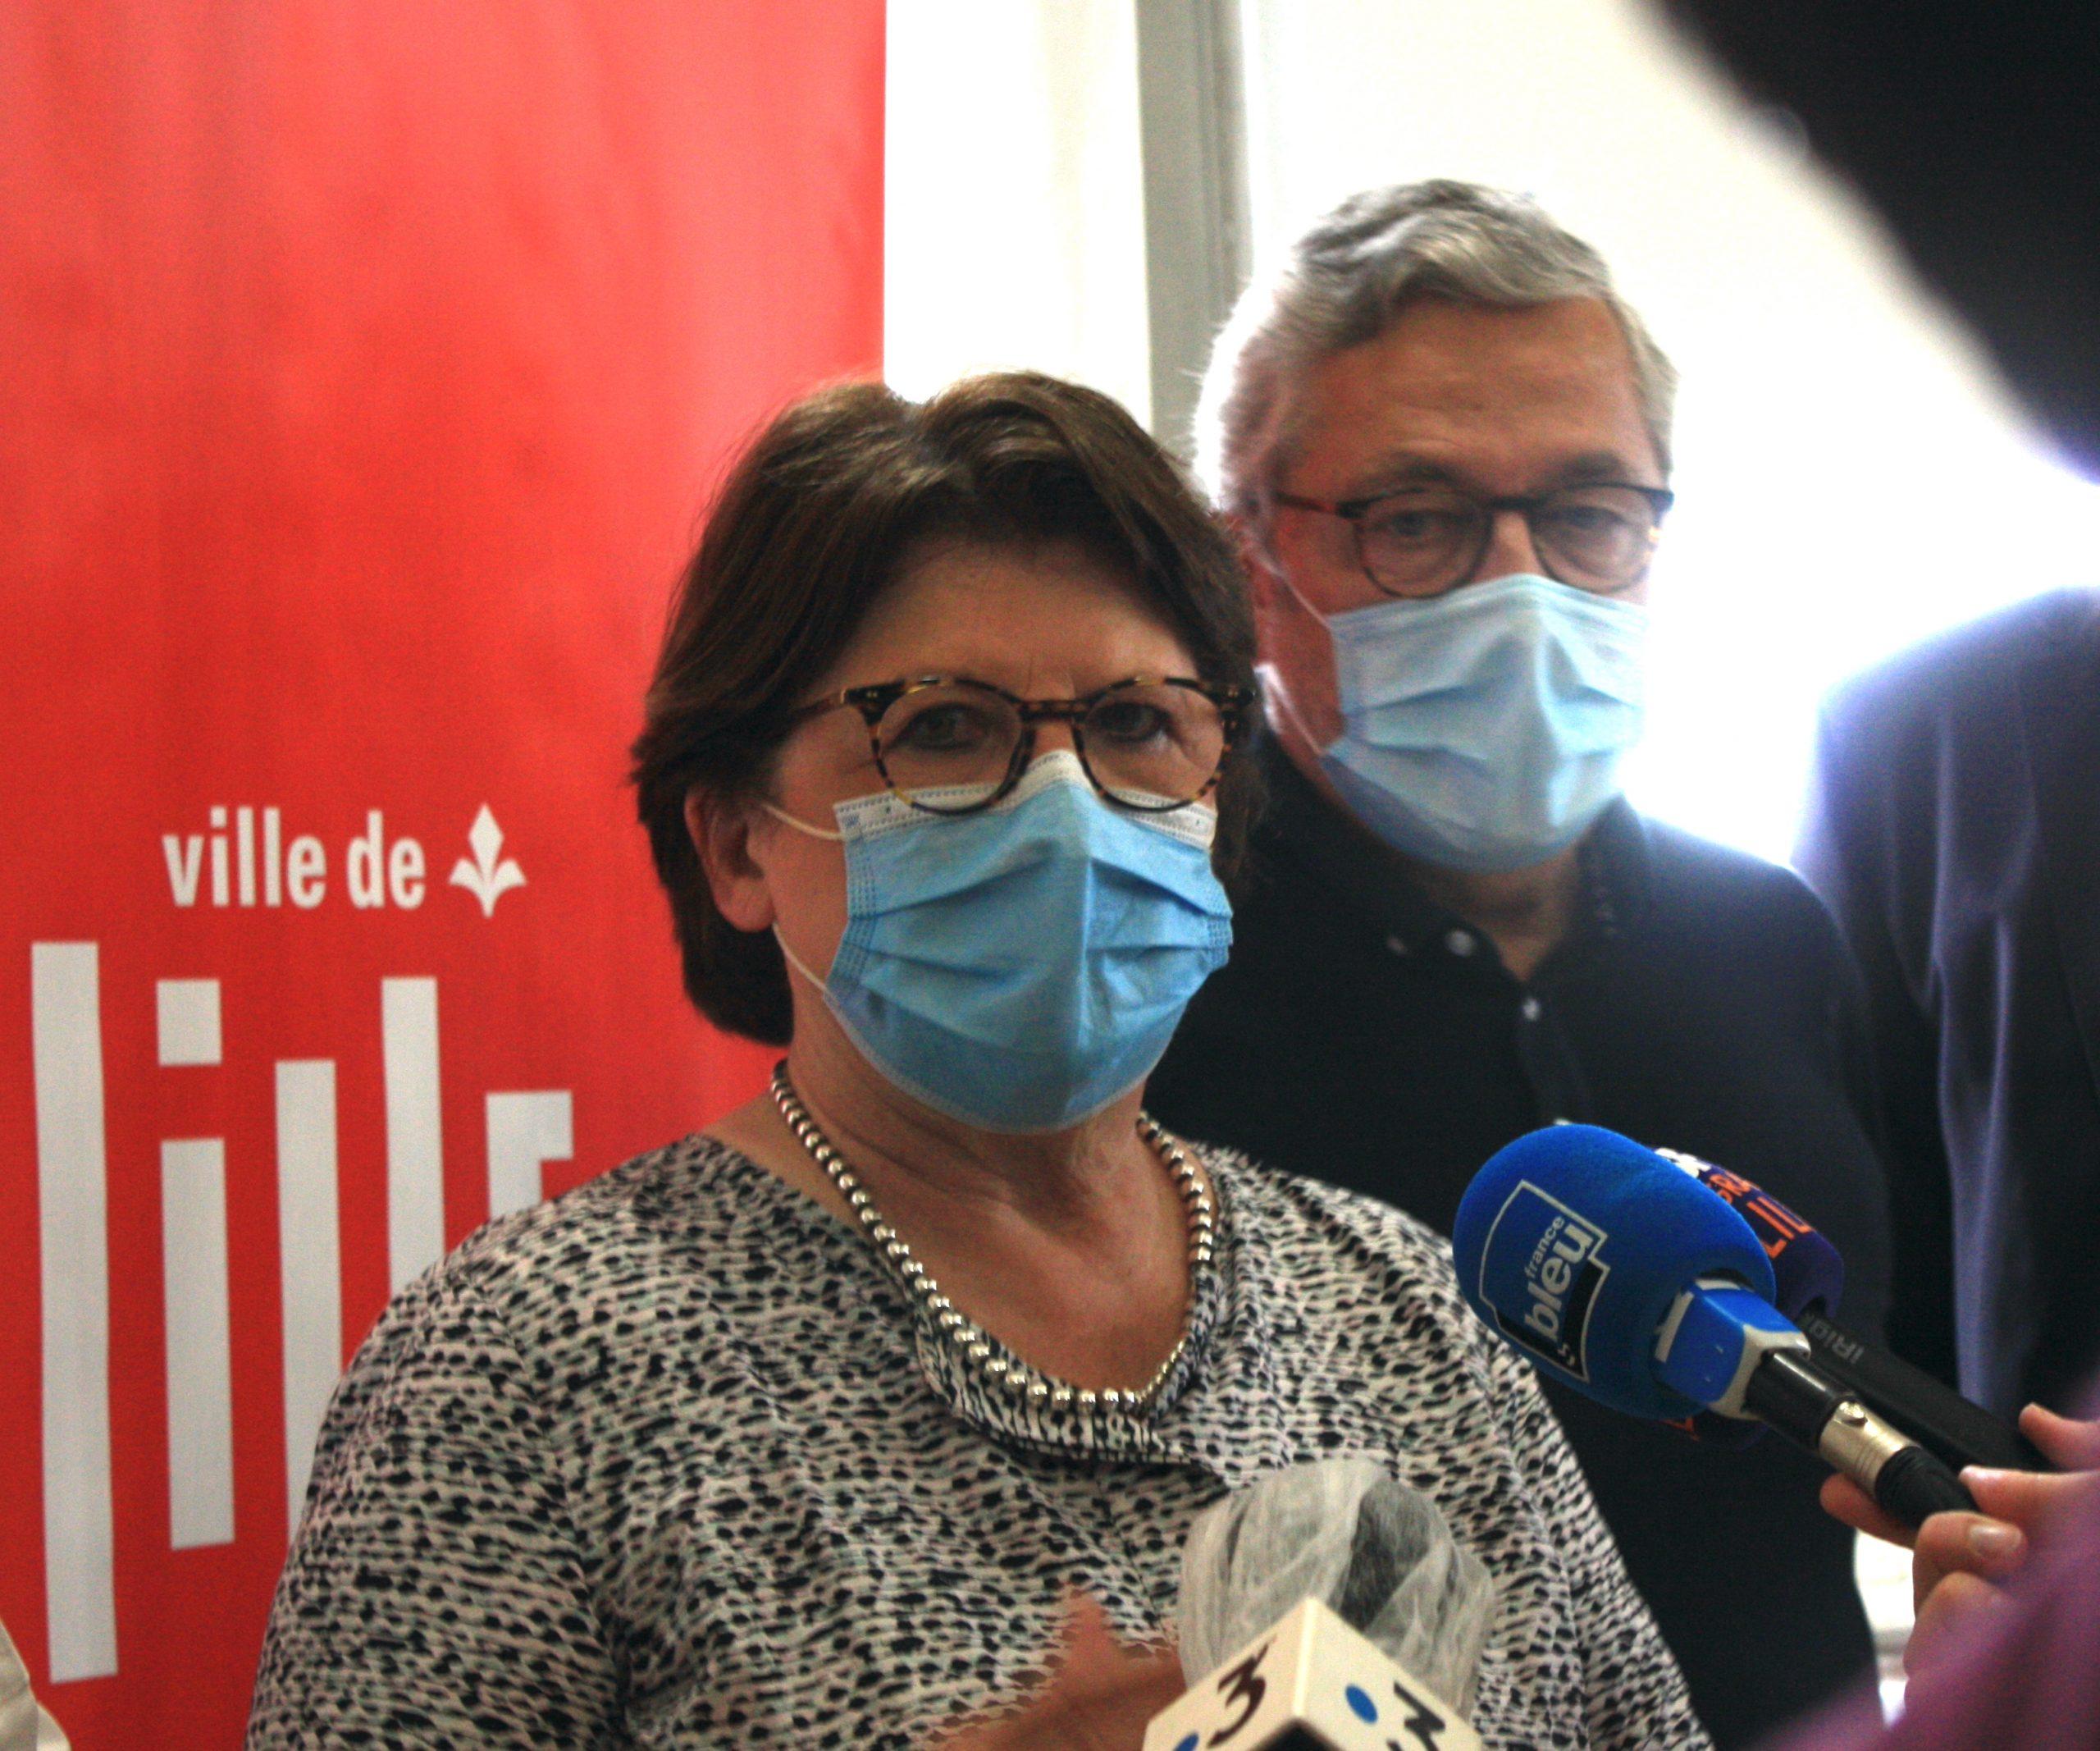 Martine Aubry le 16/06 à Lille ©Alicia Gourlan / pépère news